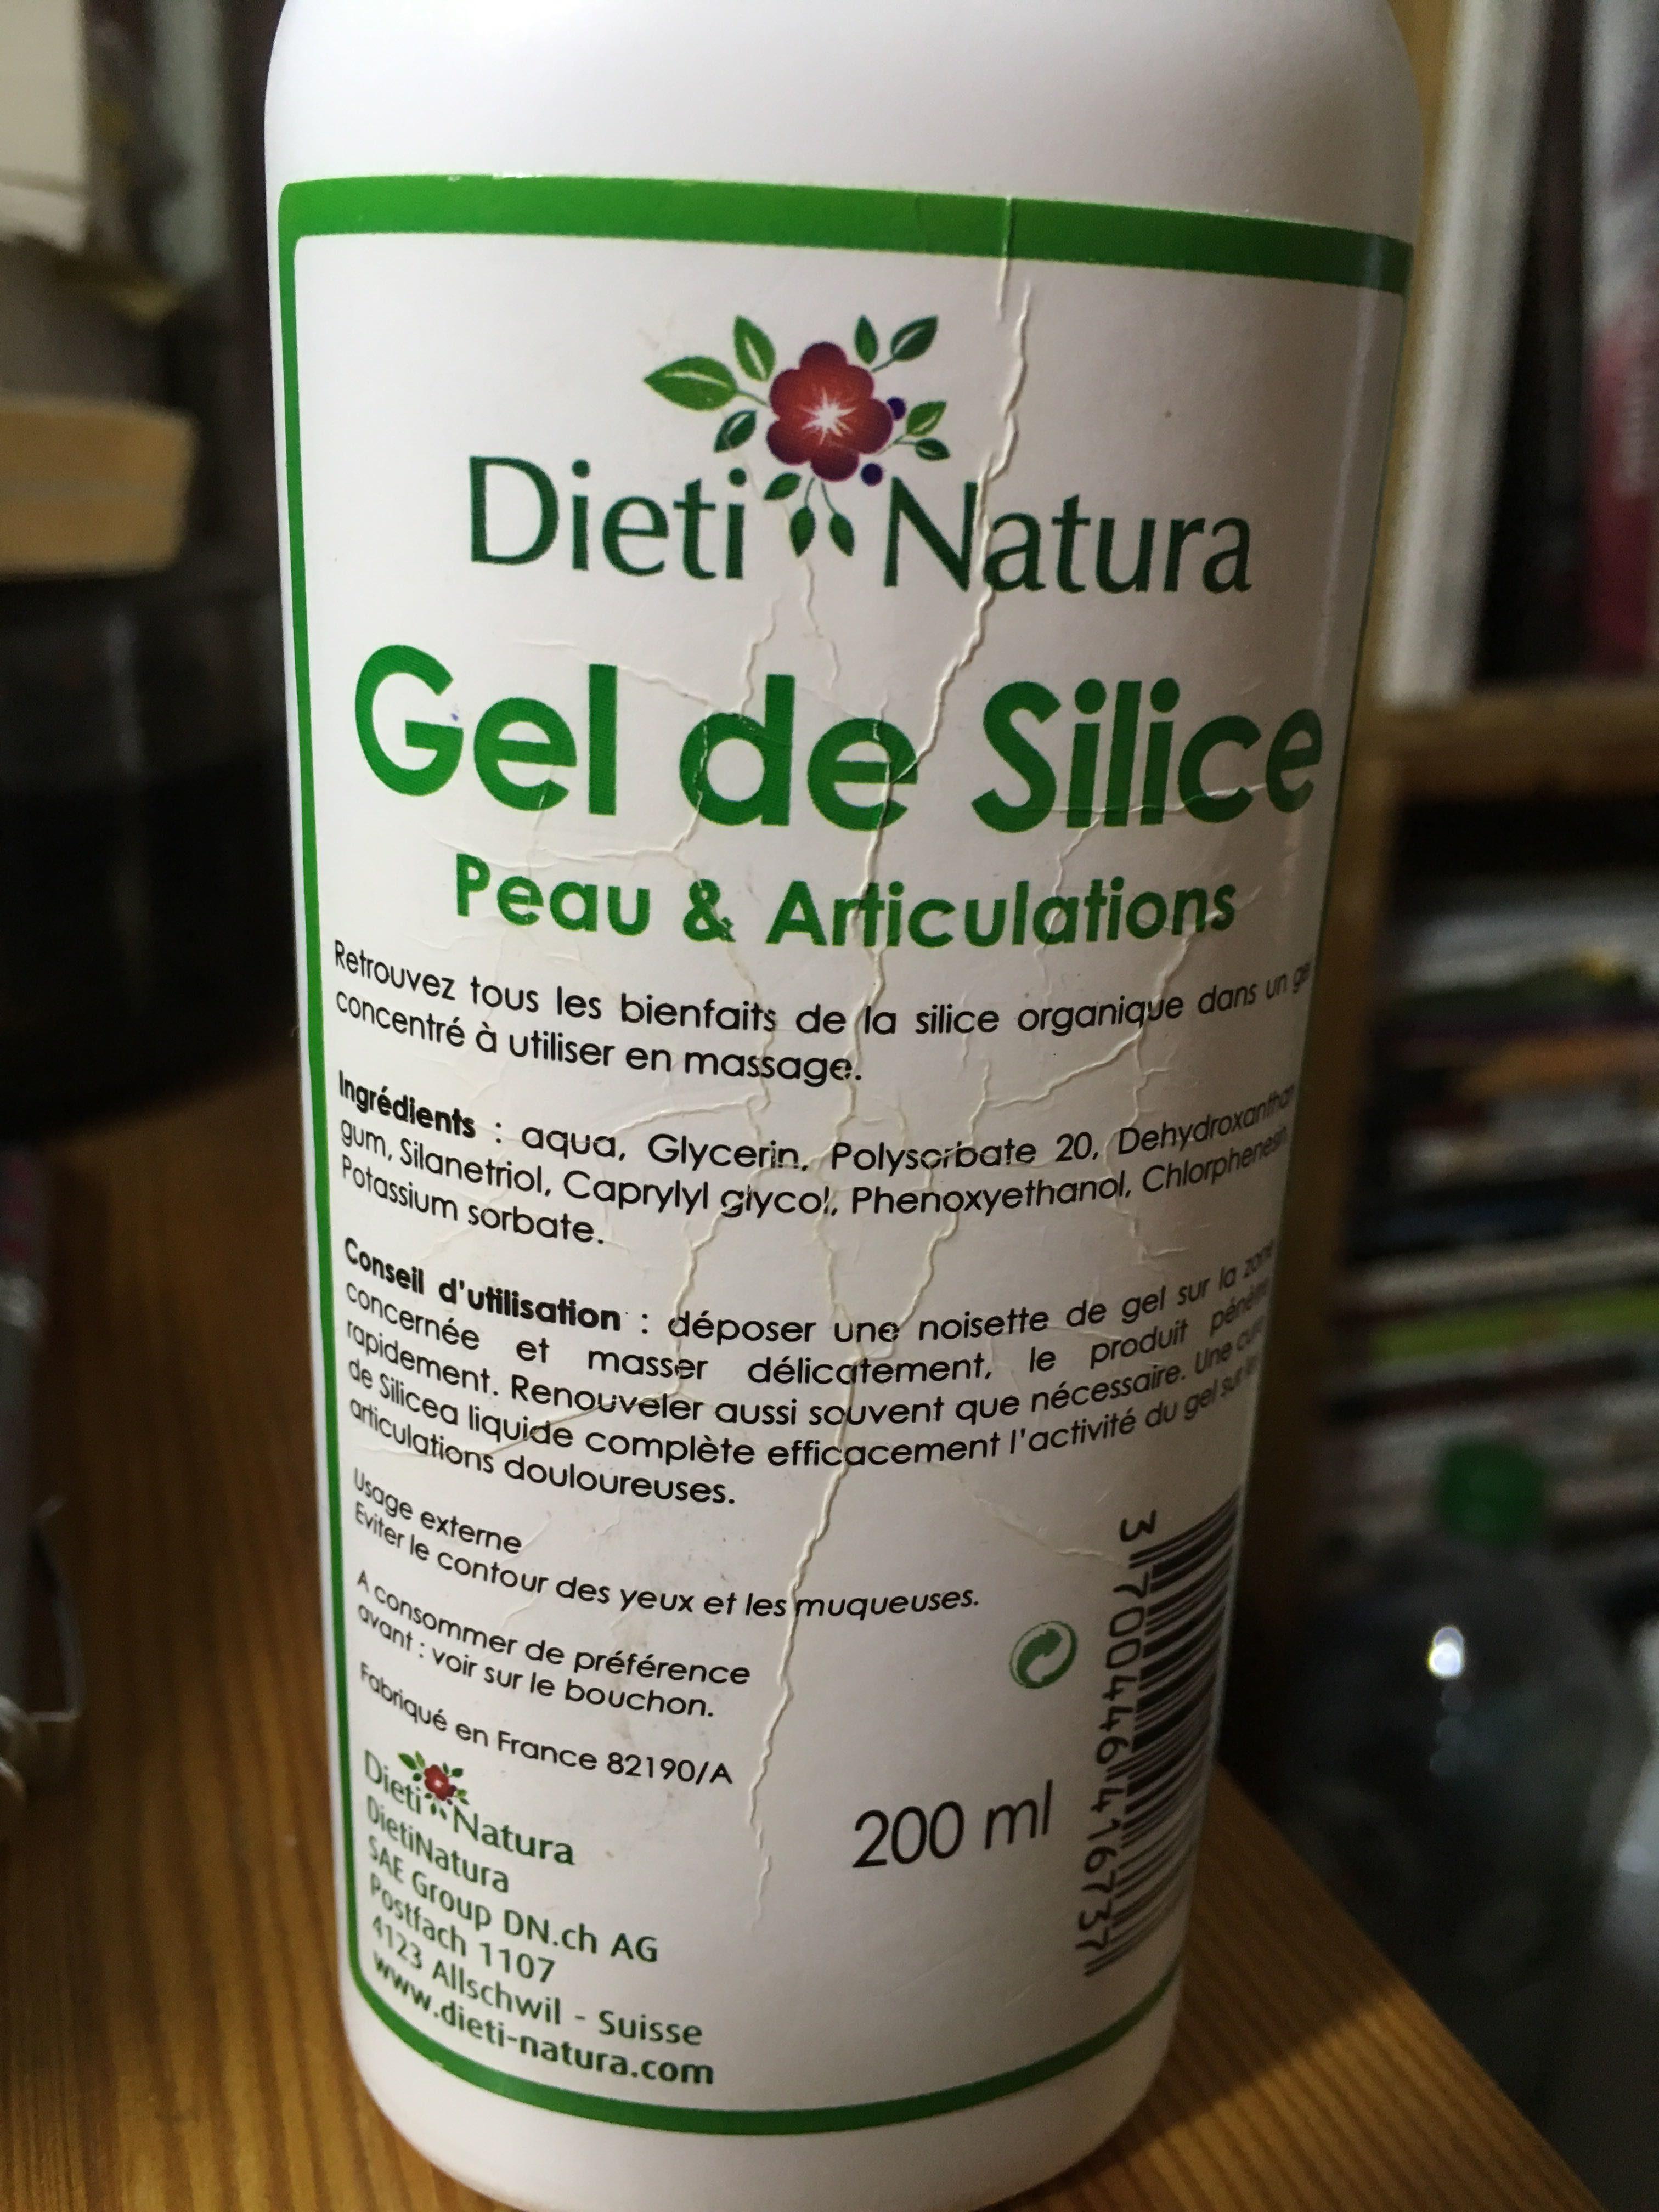 Gel de Silice Peau & Articulations - Product